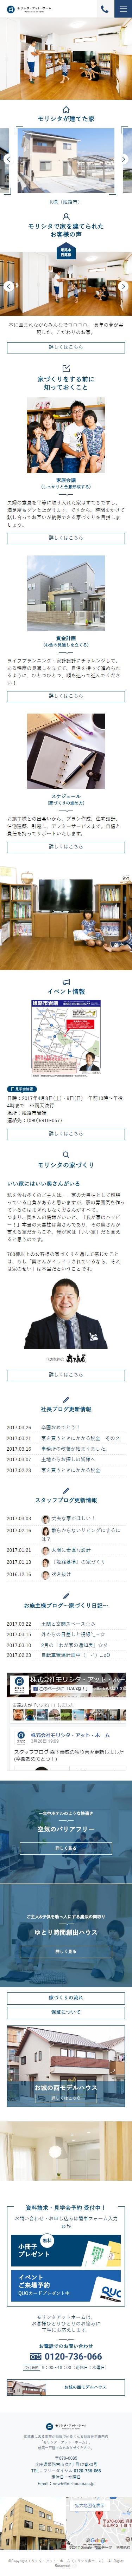 株式会社モリシタ・アット・ホーム様3